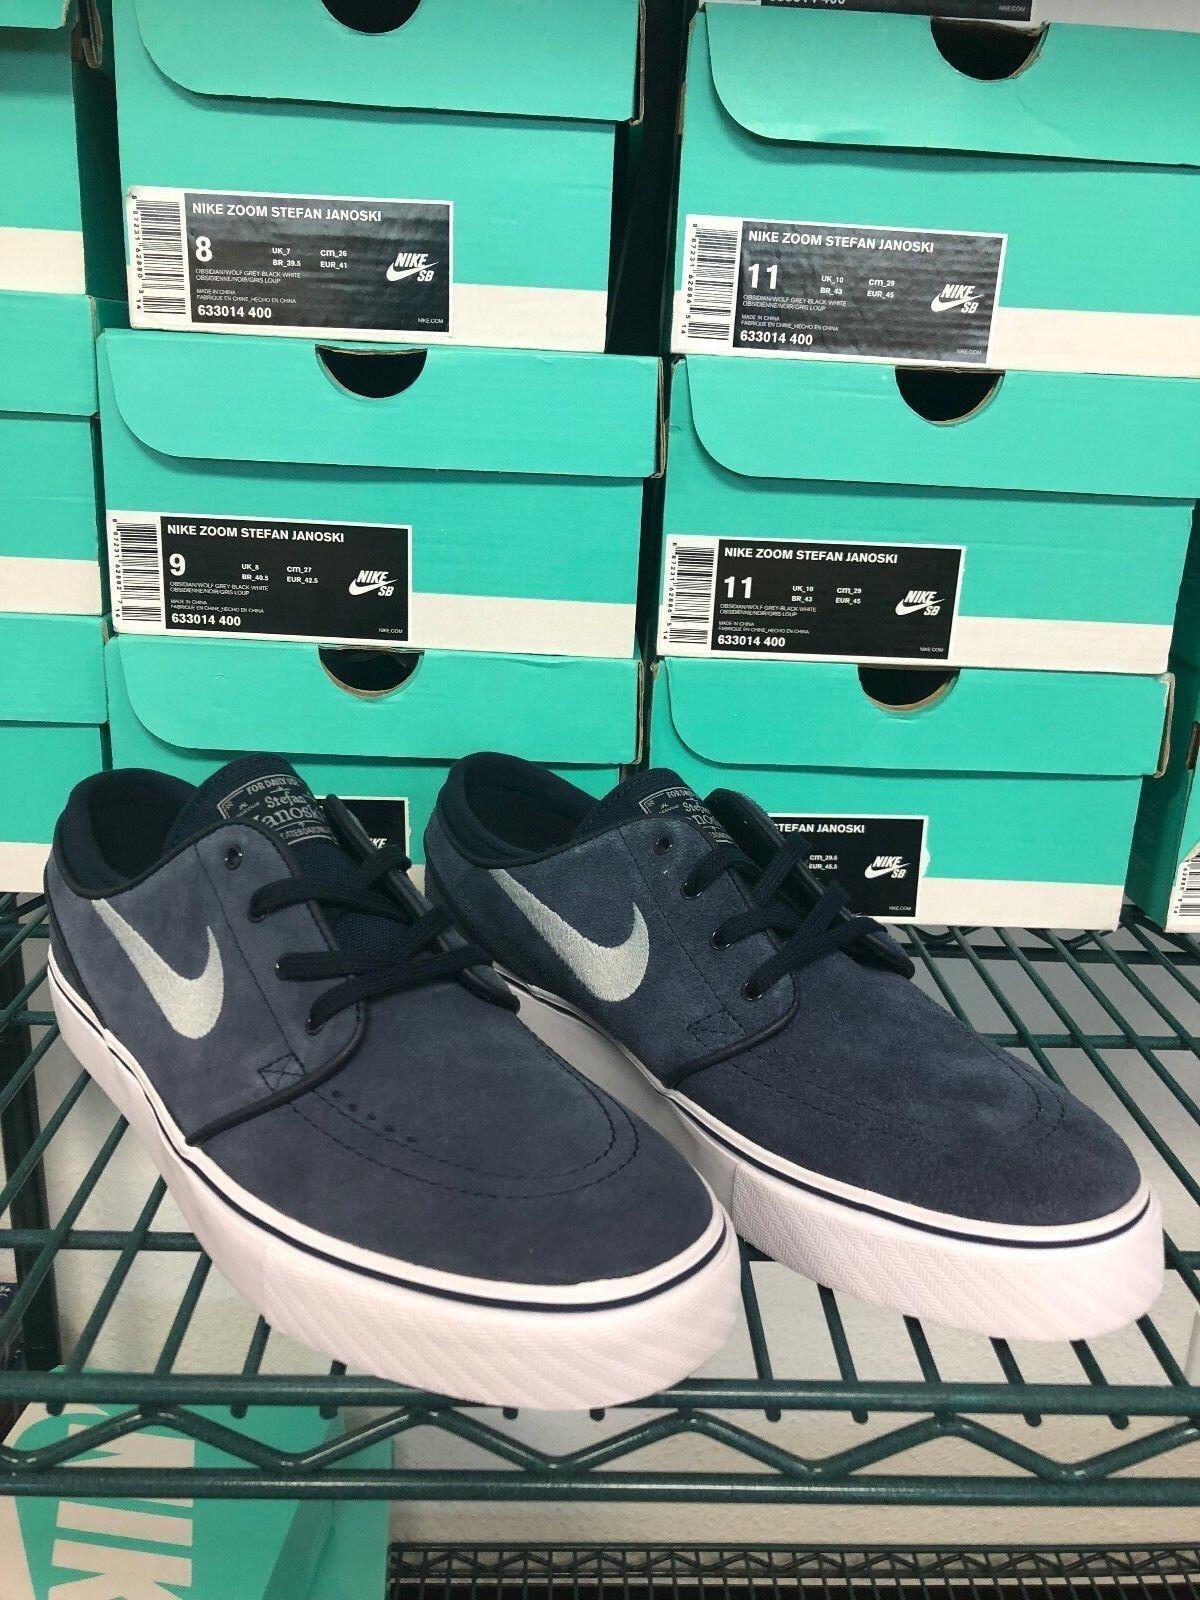 Nike SB Stefan Janoski Obsidian Navy bluee Suede 7 8 8.5 9 10.5 11 HT max low mid